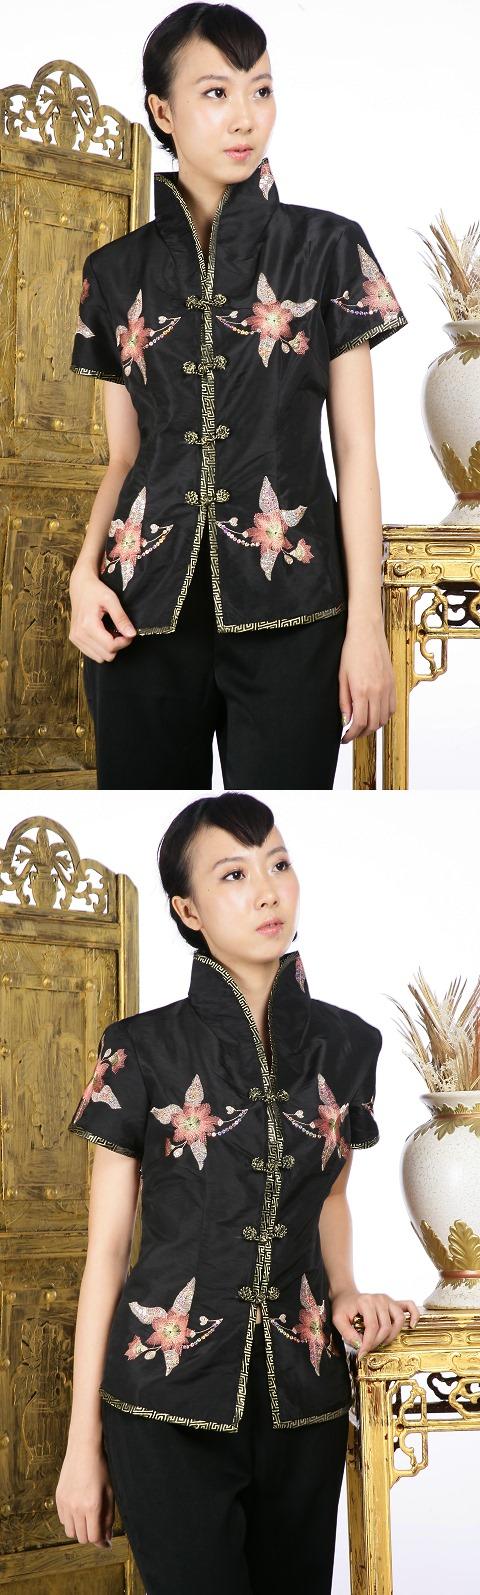 亮片繡花中式短袖上衣(黑色)